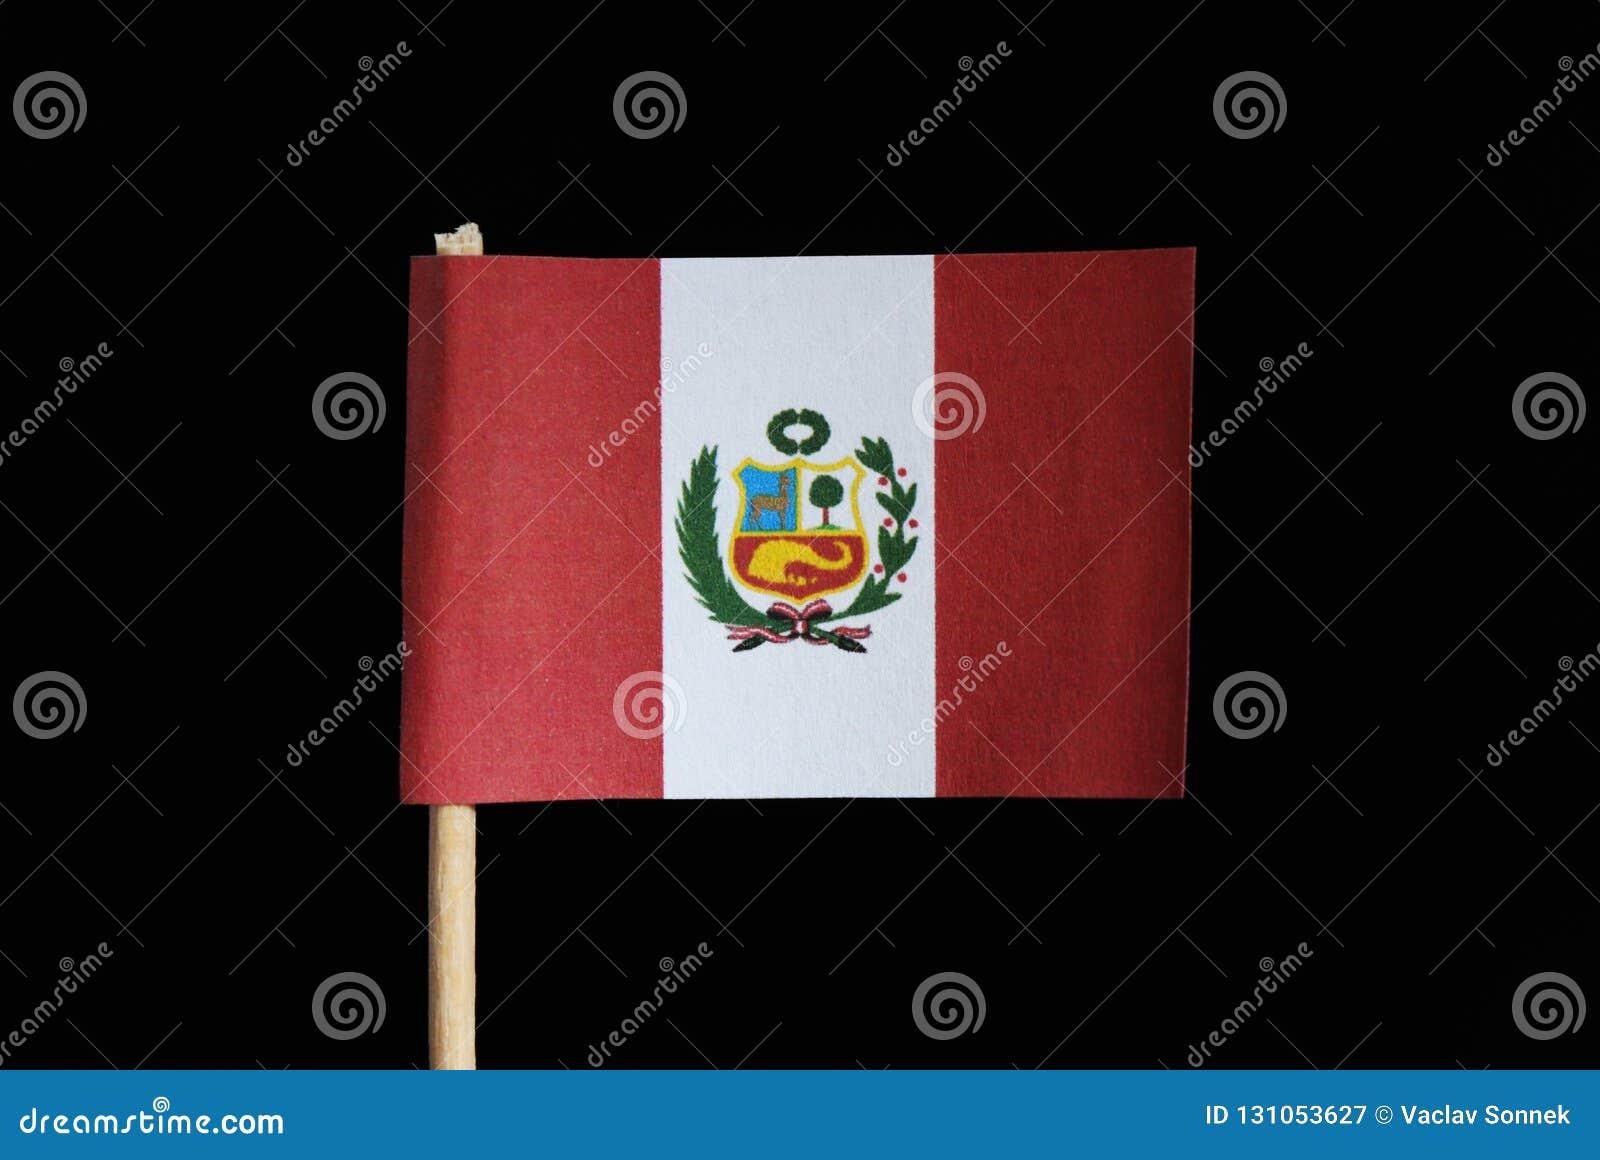 En representant och en original- flagga av Peru på tandpetare på svart bakgrund En vertikal triband av rött och vitt med det nati